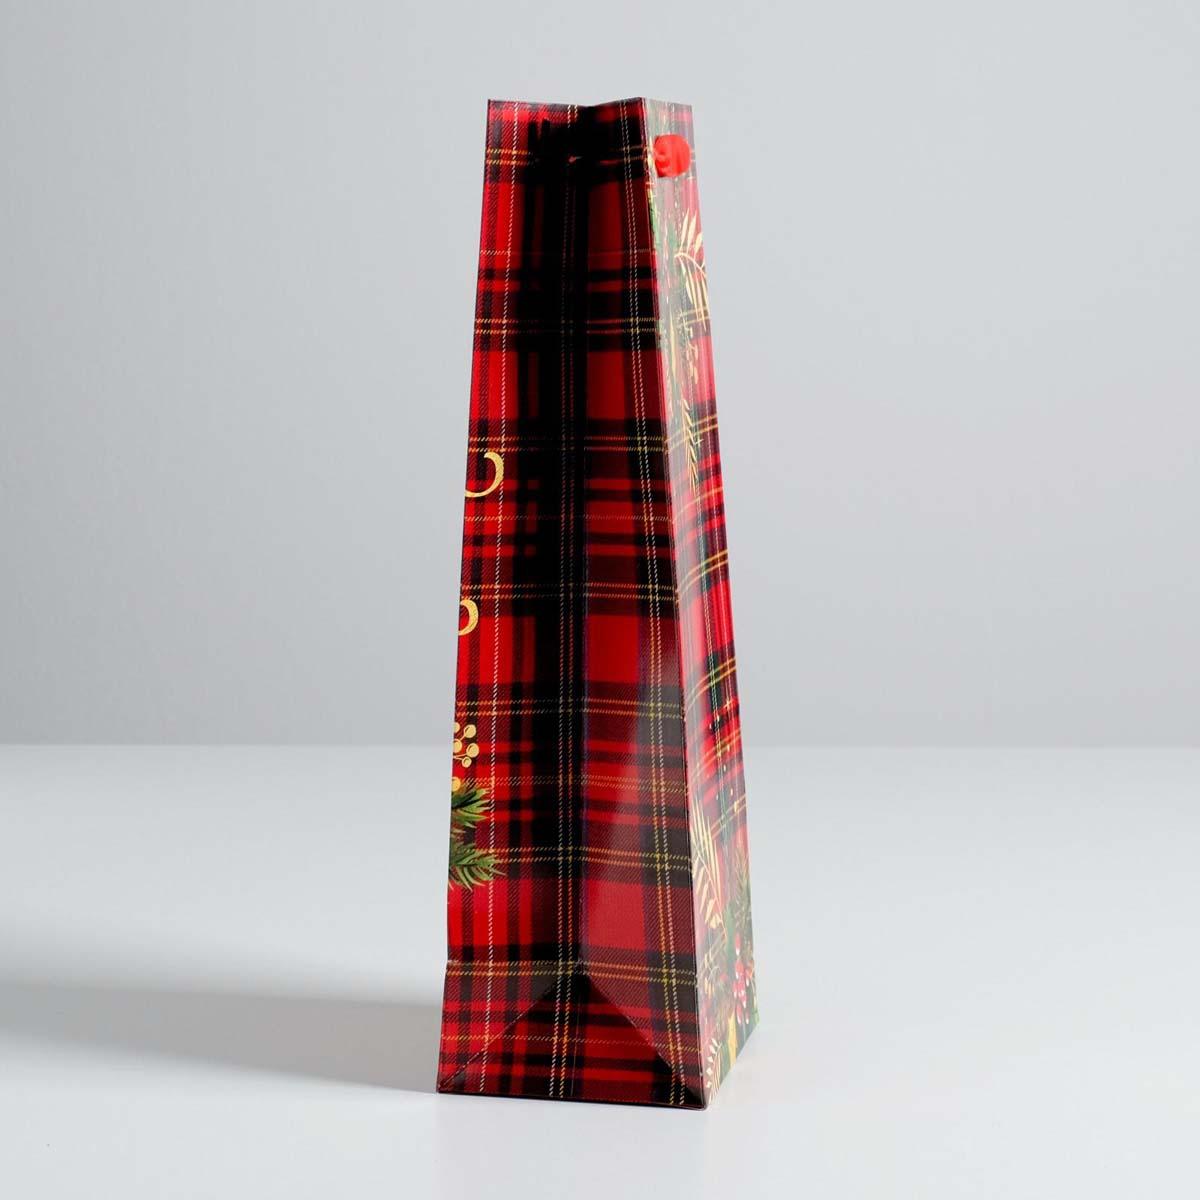 4275603 Пакет под бутылку крафтовый «С Новым годом!», 13*36*10 см